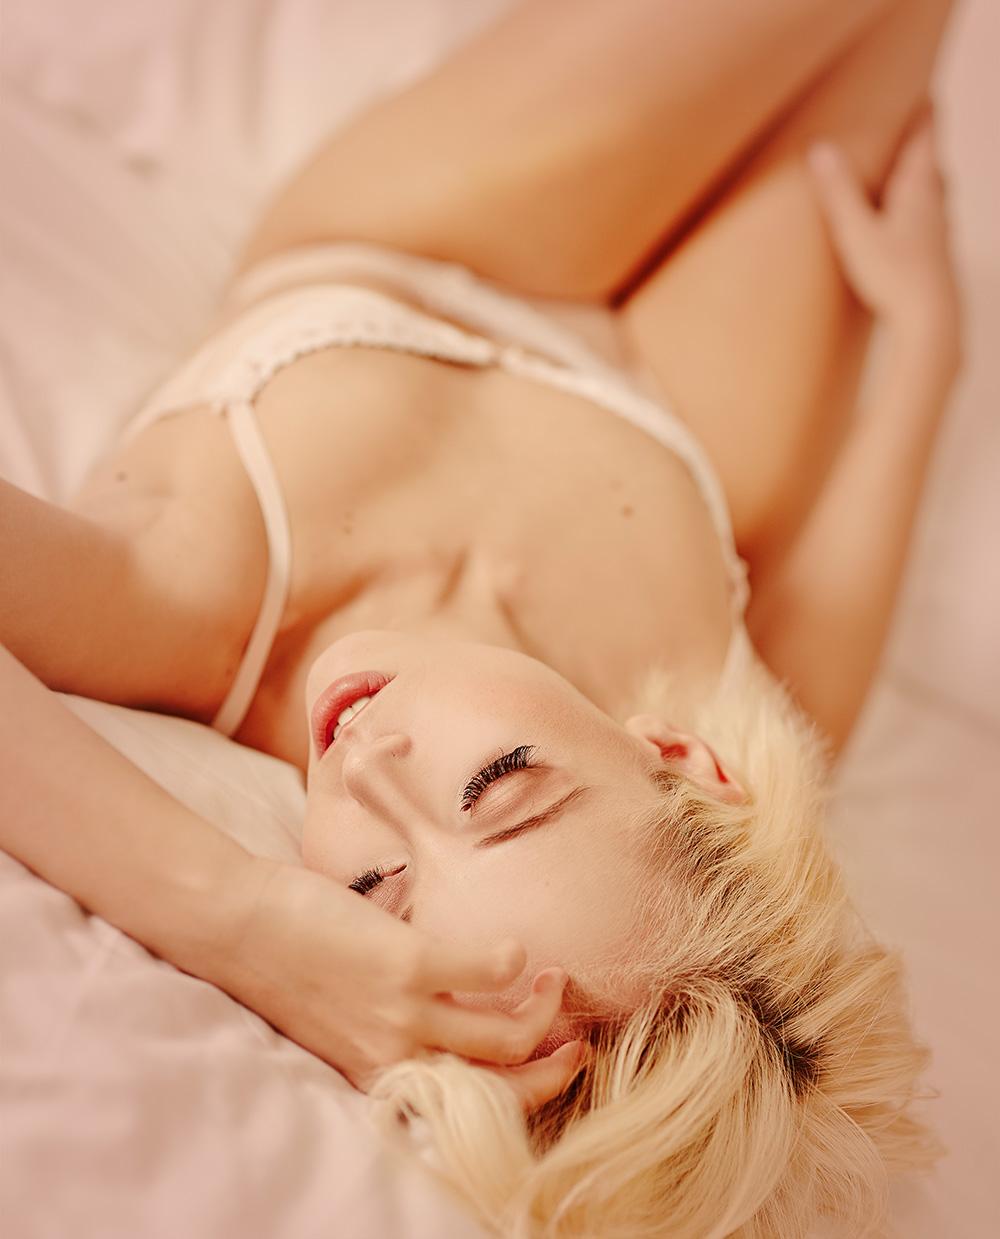 Fotos sensuales en hotel